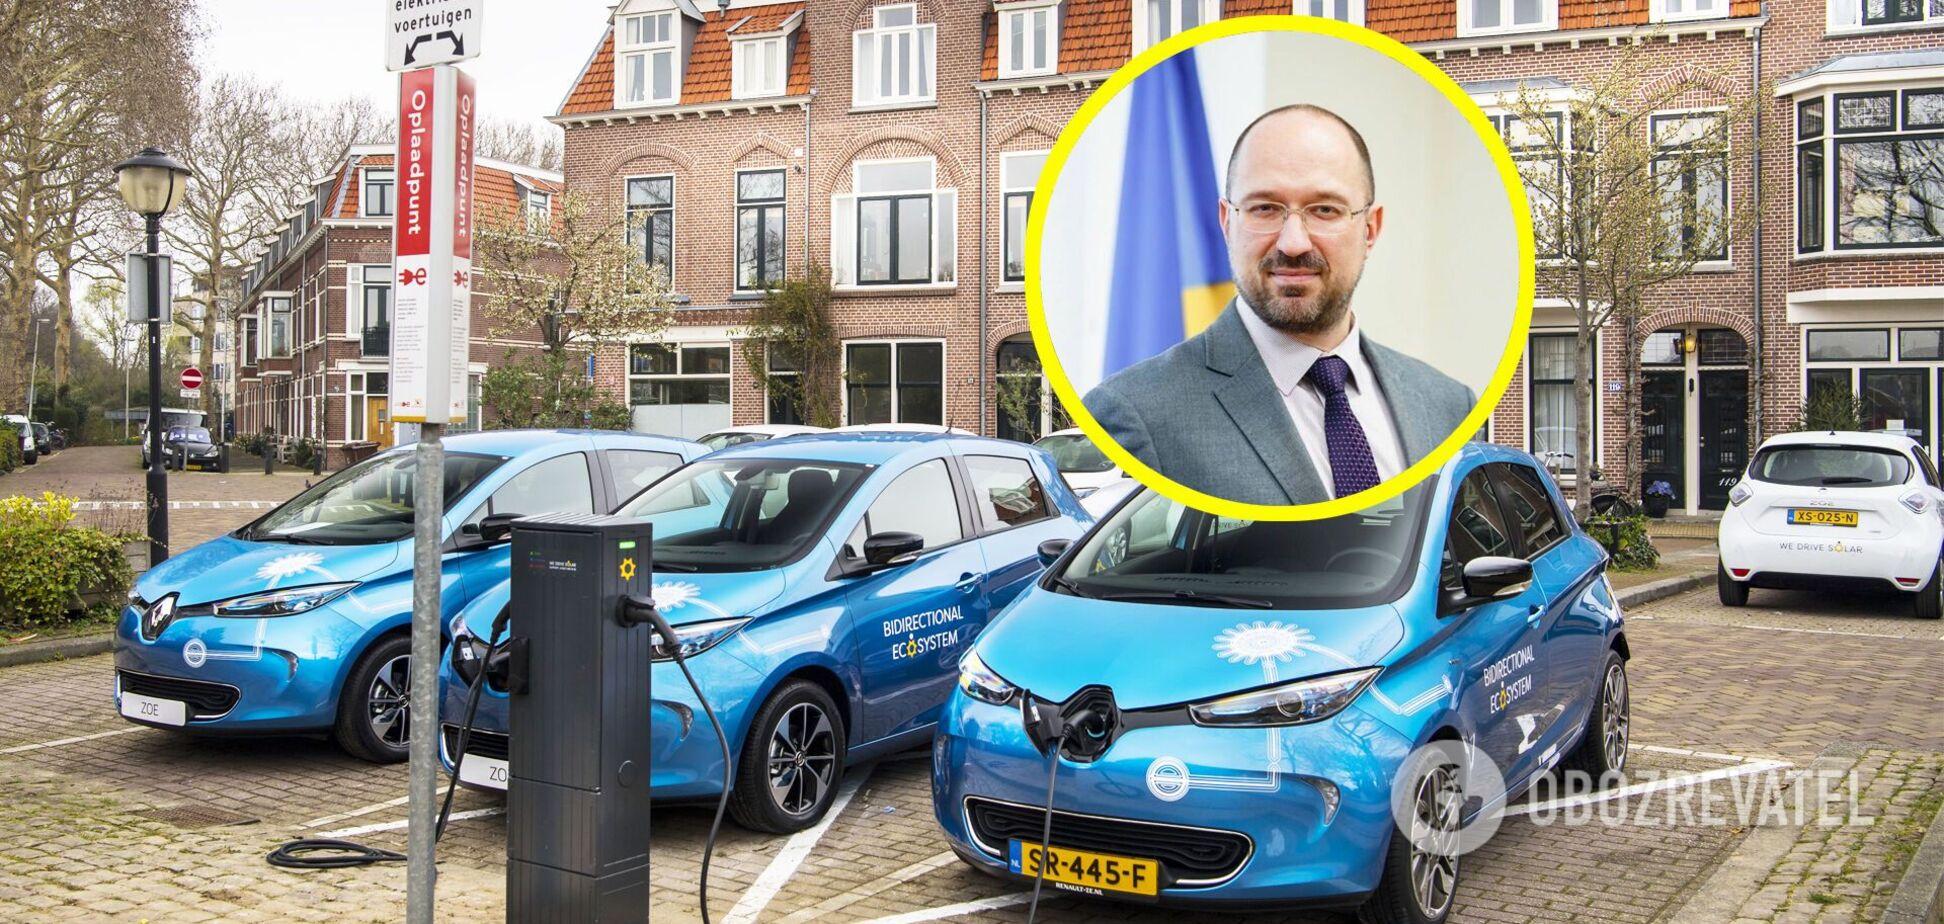 Кабмин Украины утвердил законопроект в поддержку электромобилей. Фото: obozrevatel.com